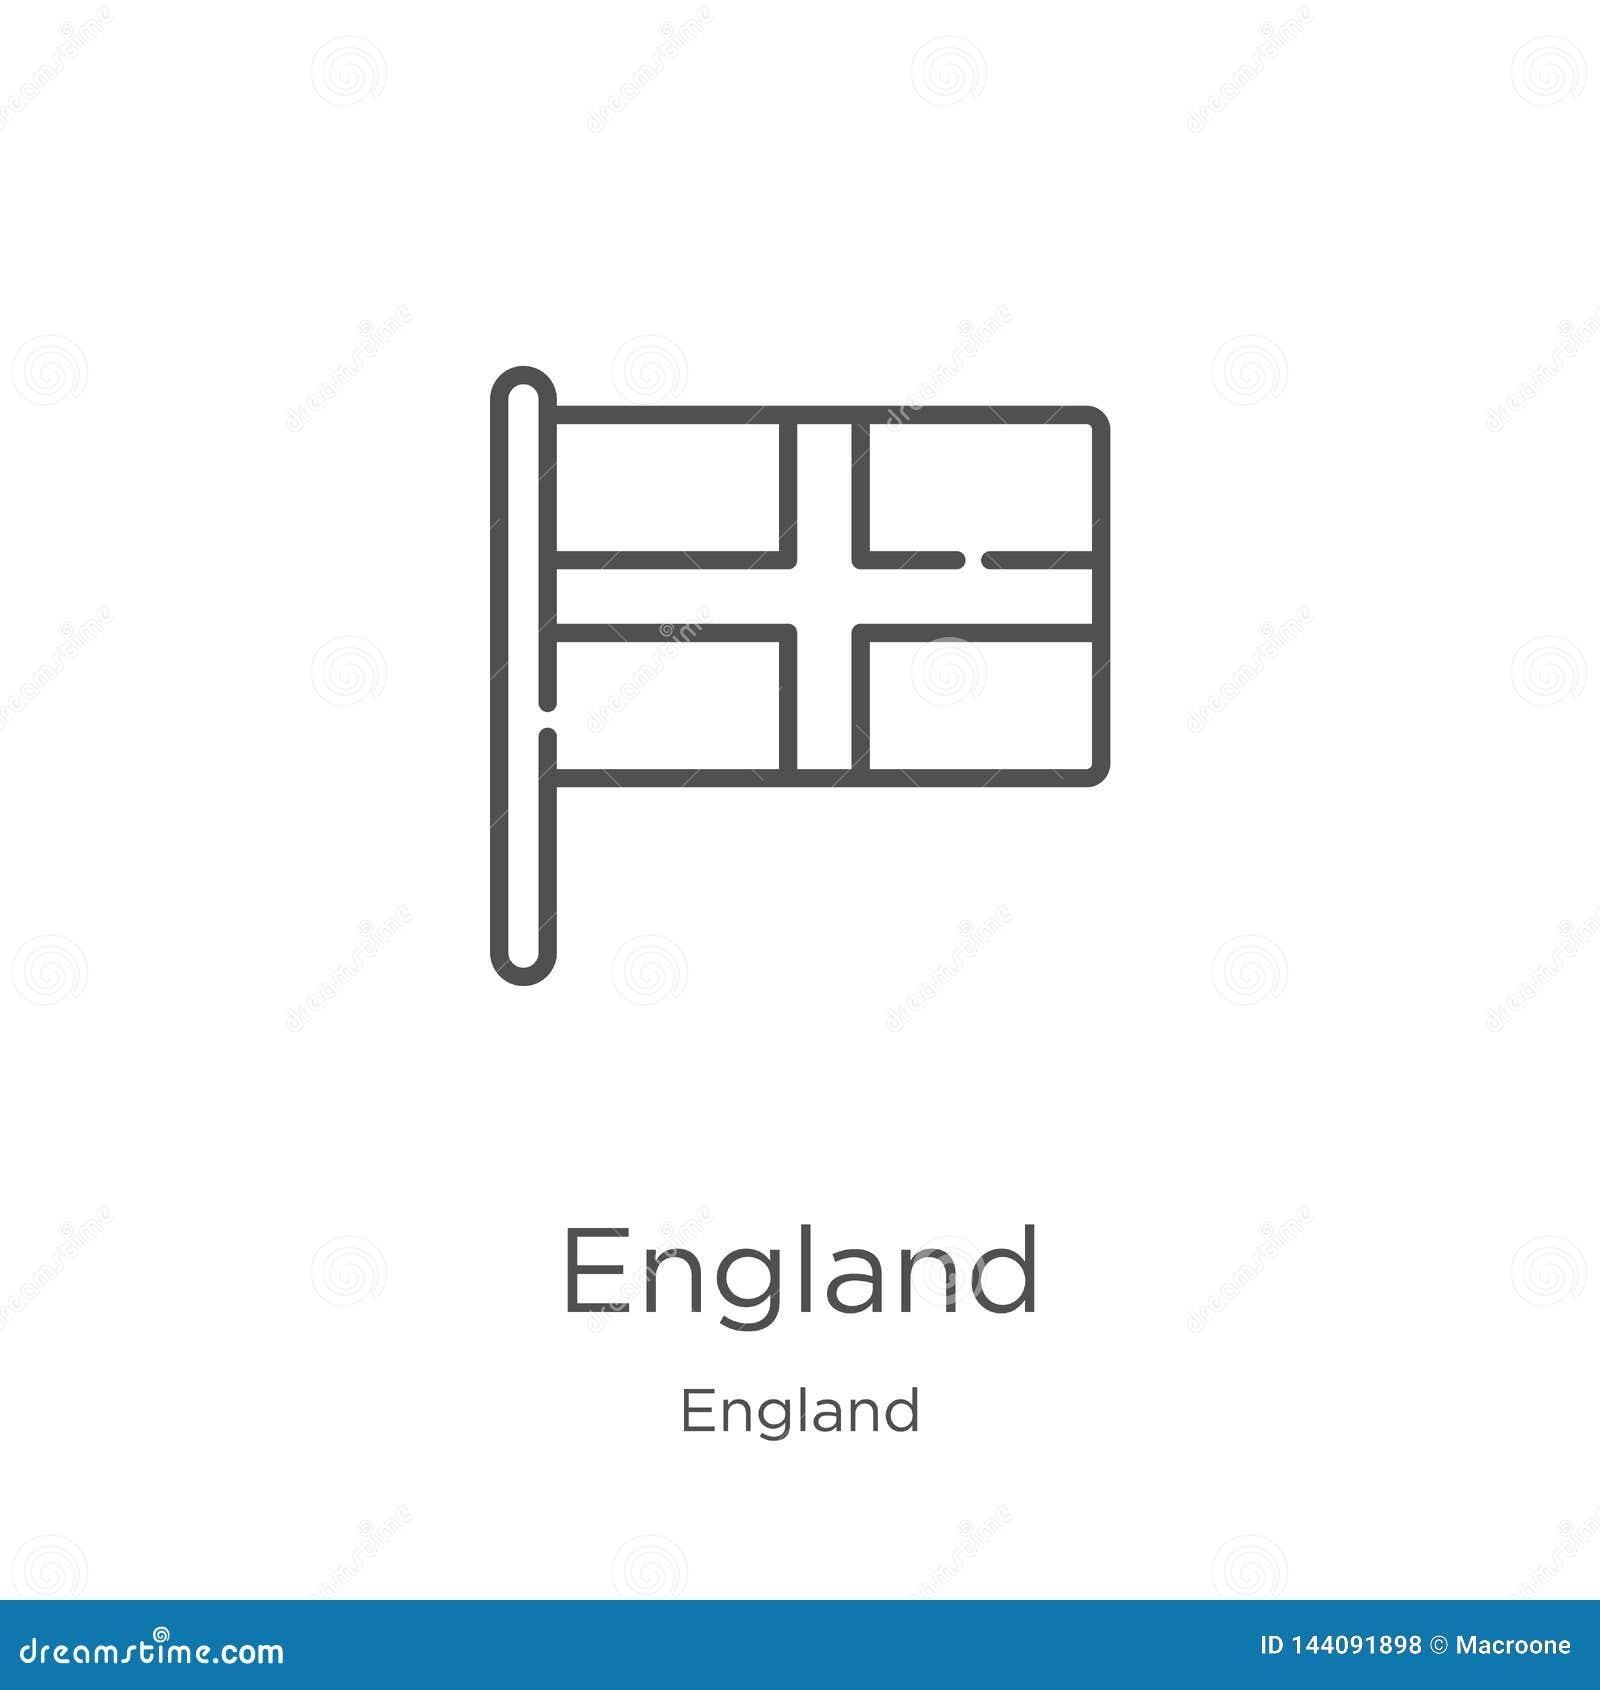 England-Ikonenvektor von England-Sammlung Dünne Linie England-Entwurfsikonen-Vektorillustration Entwurf, dünne Linie England-Ikon